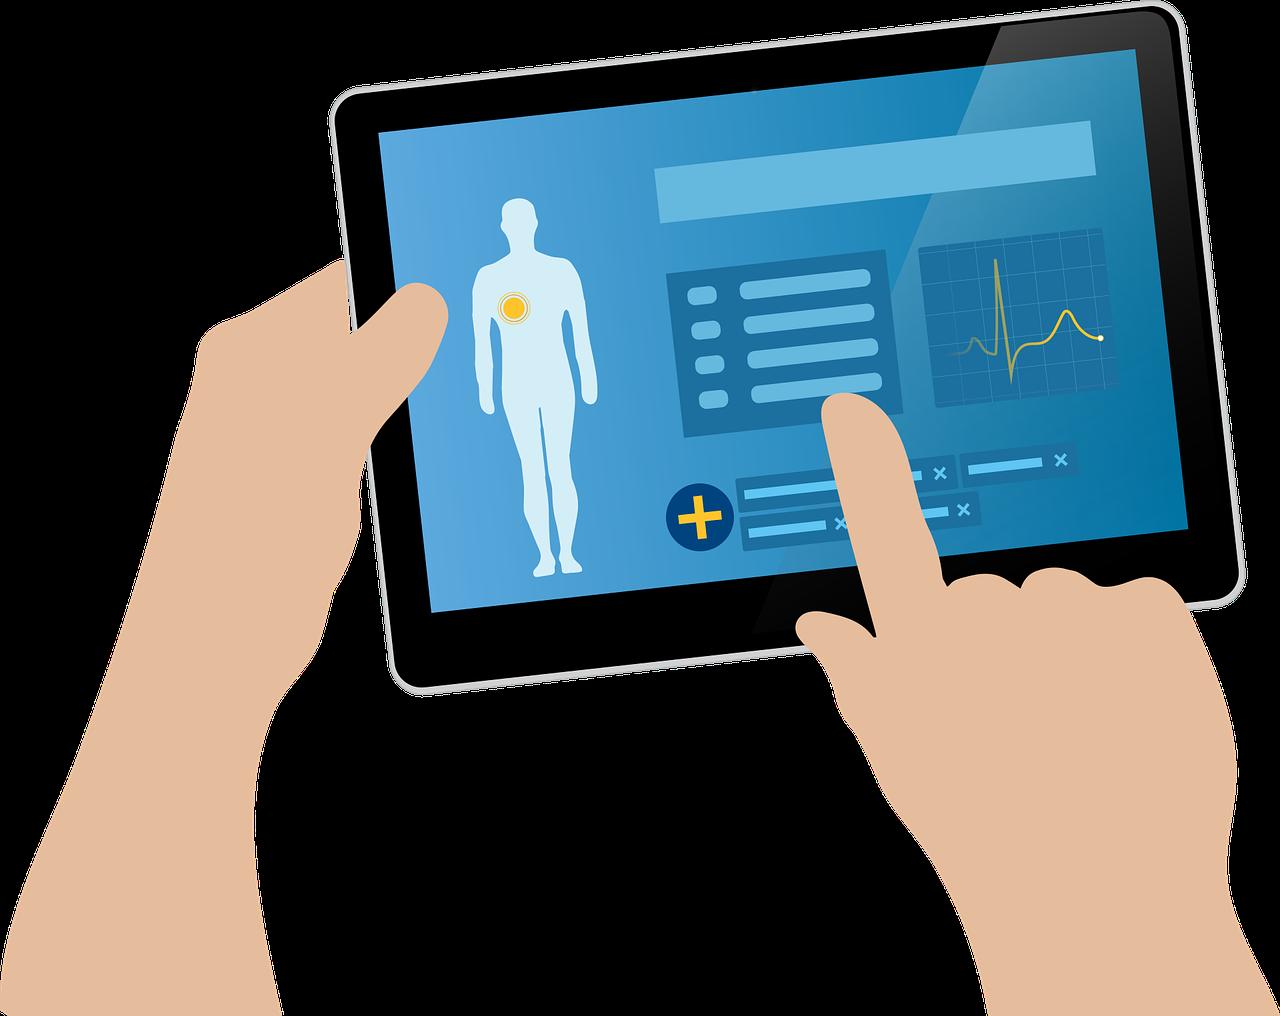 mHealth:Le soluzioni innovative danno slancioall'Internet delle cose mediche